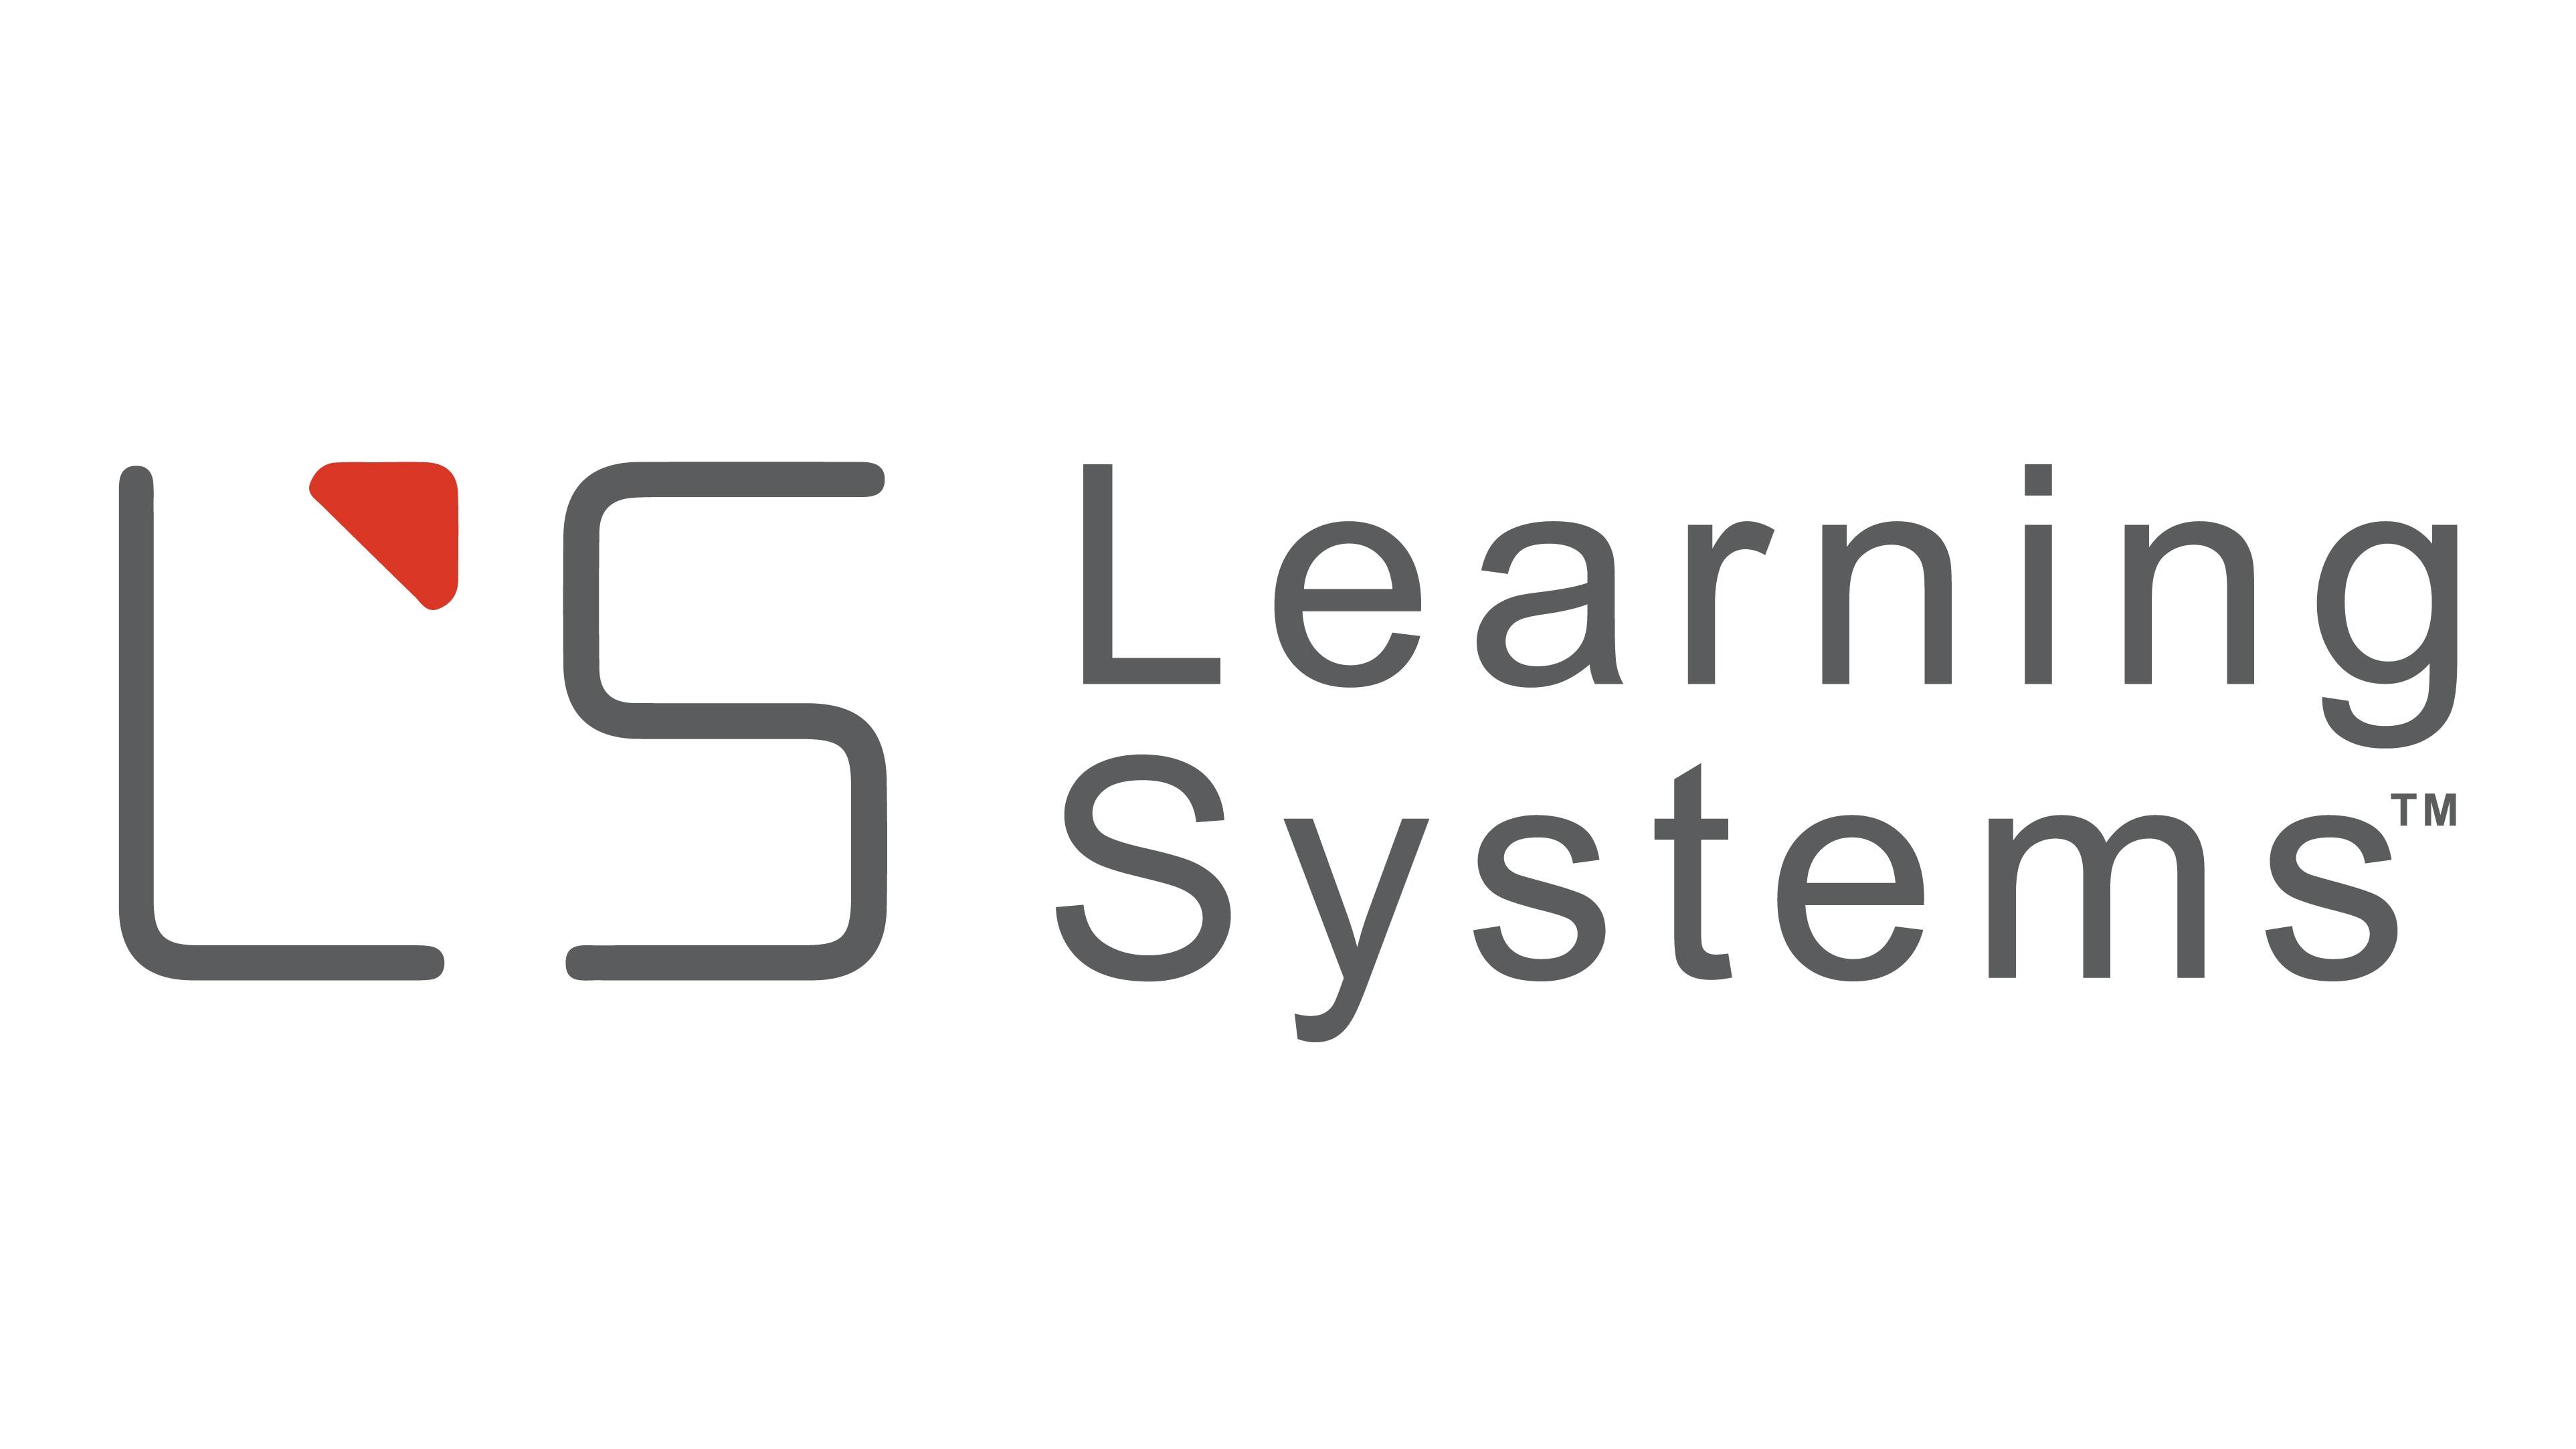 株式会社 ラーニングシステム